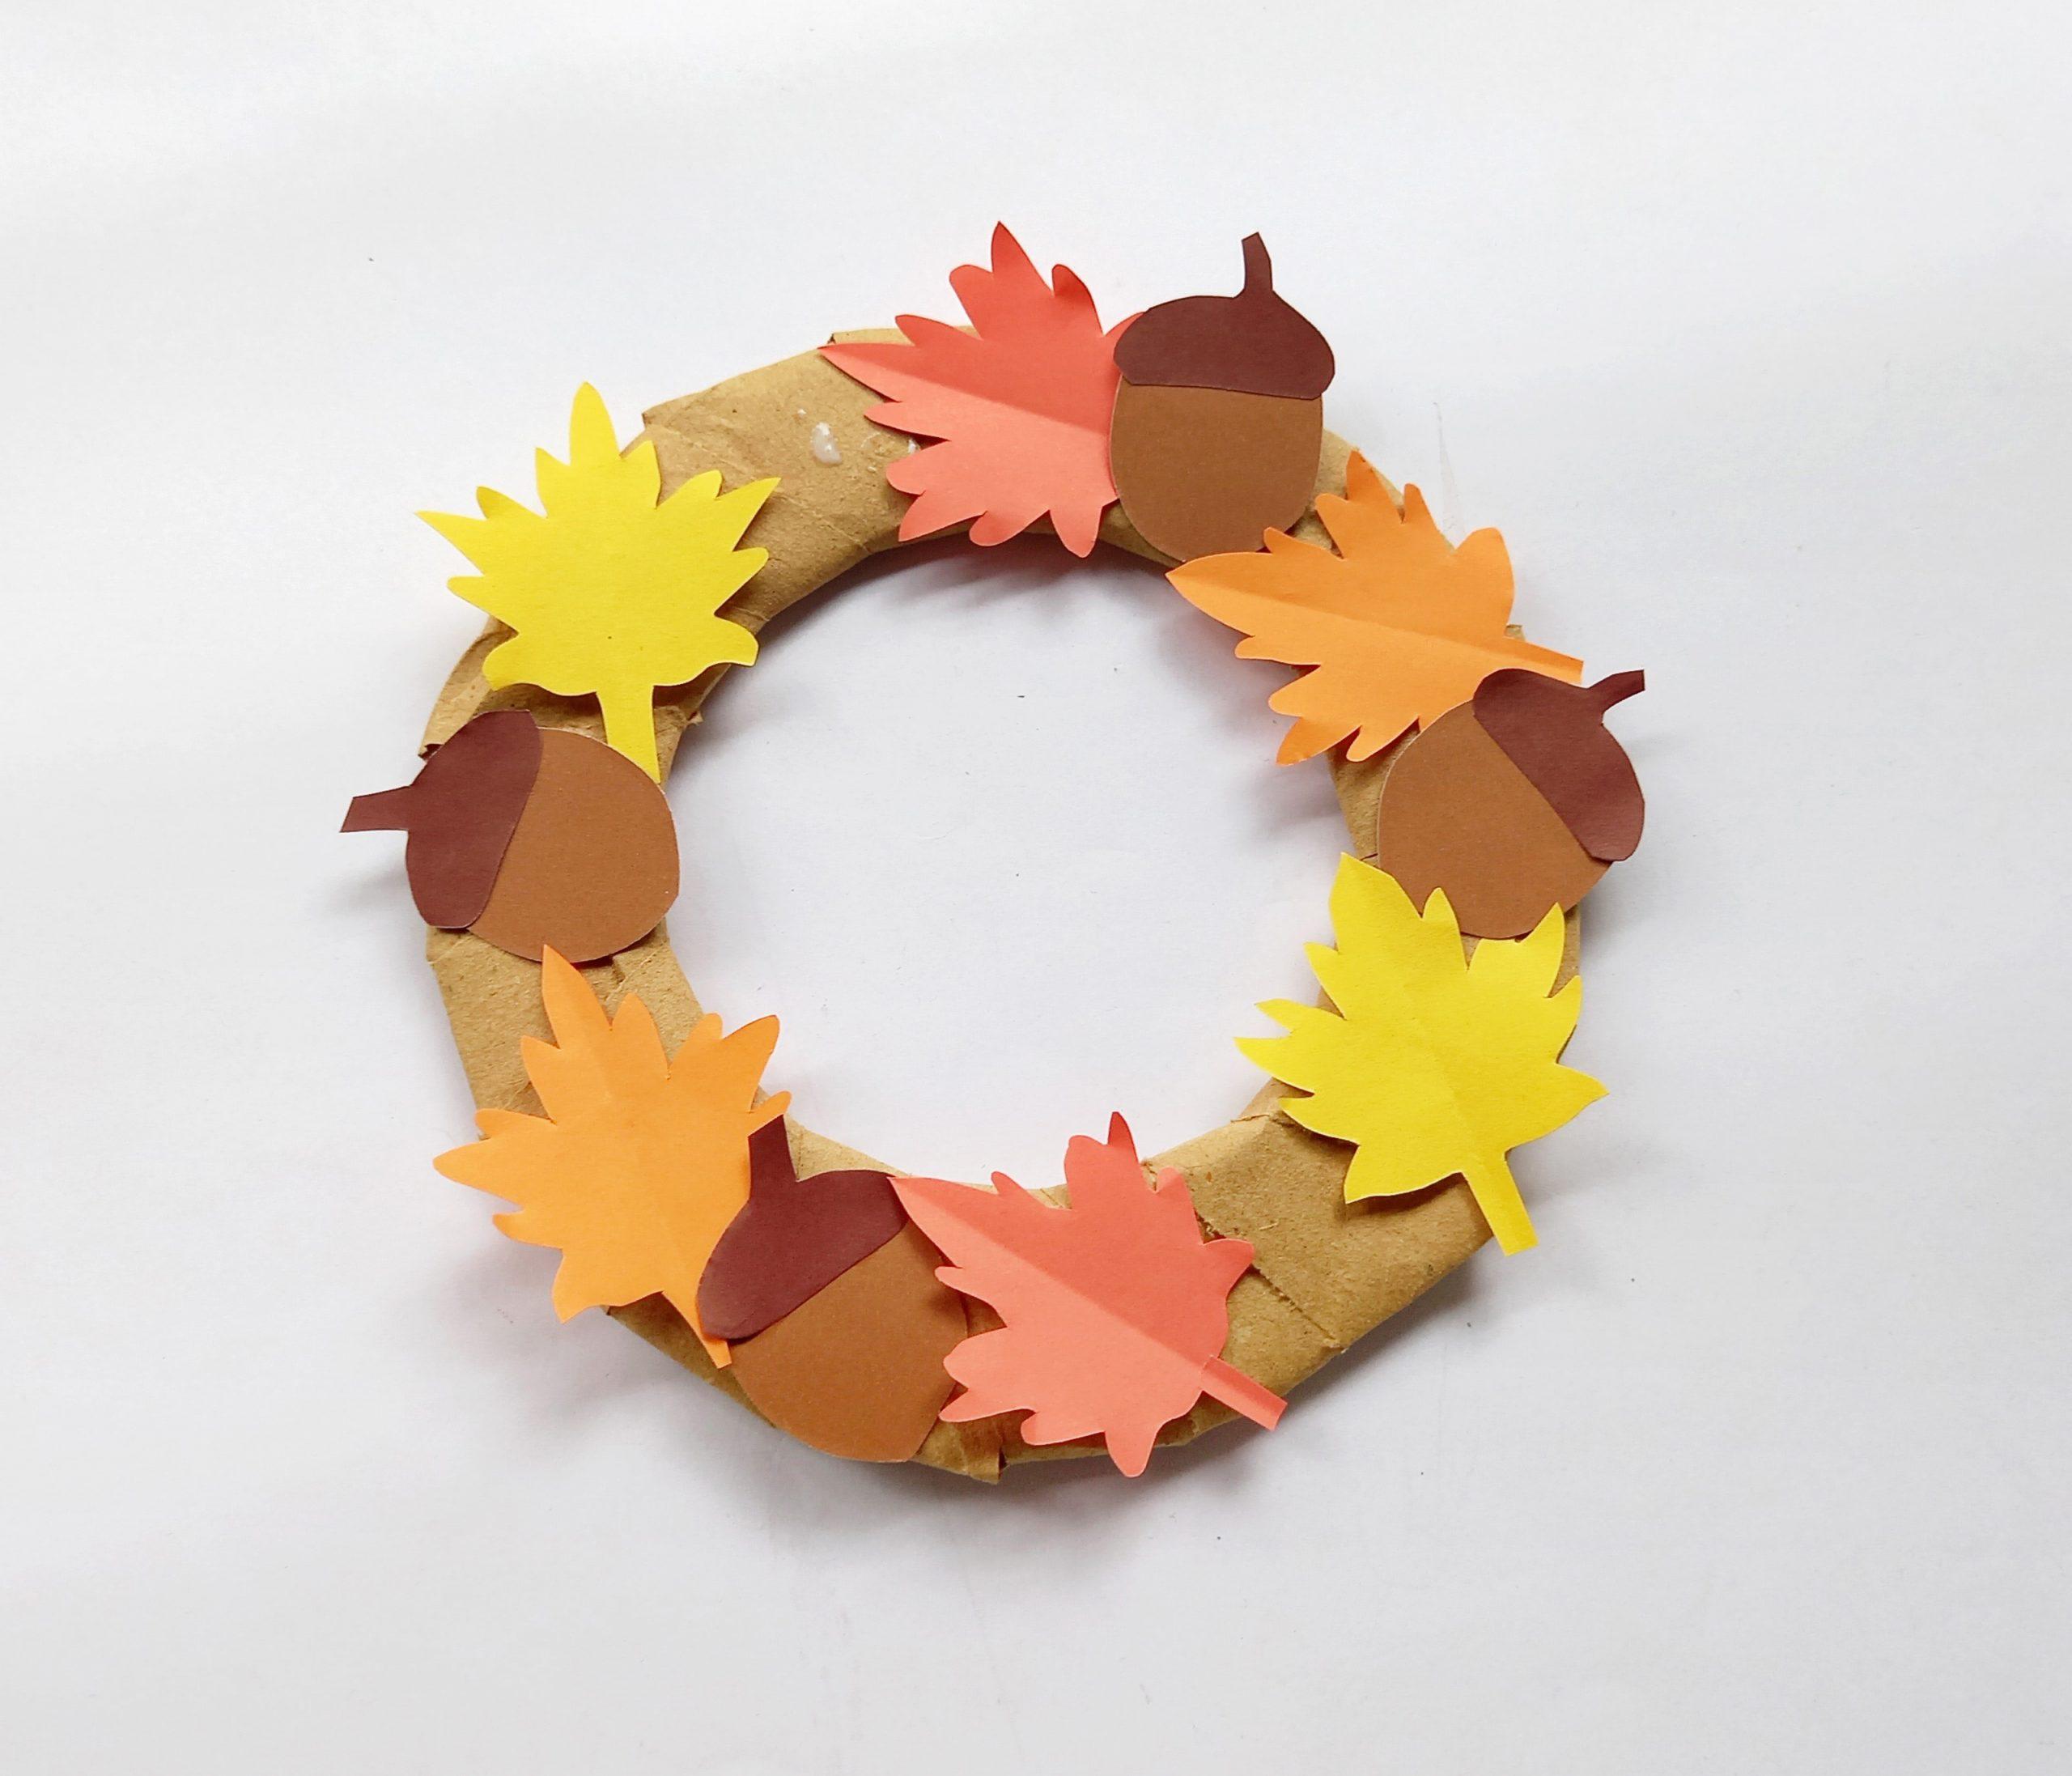 diy fall wreath craft with acorns